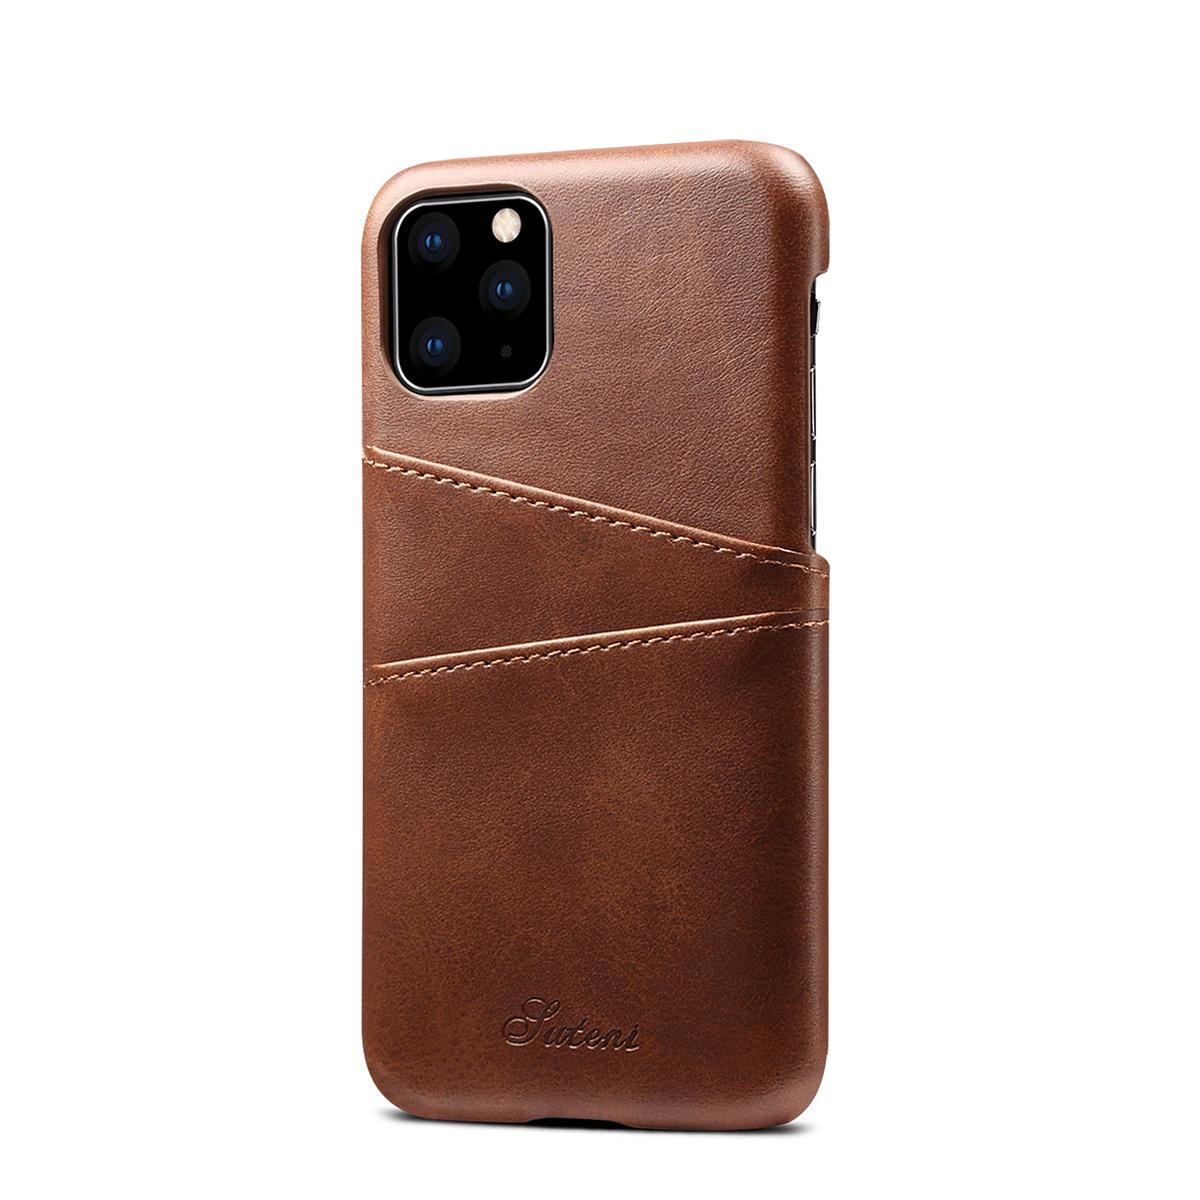 Läderskal med 2 kortplatser till iPhone 11 Pro, brun